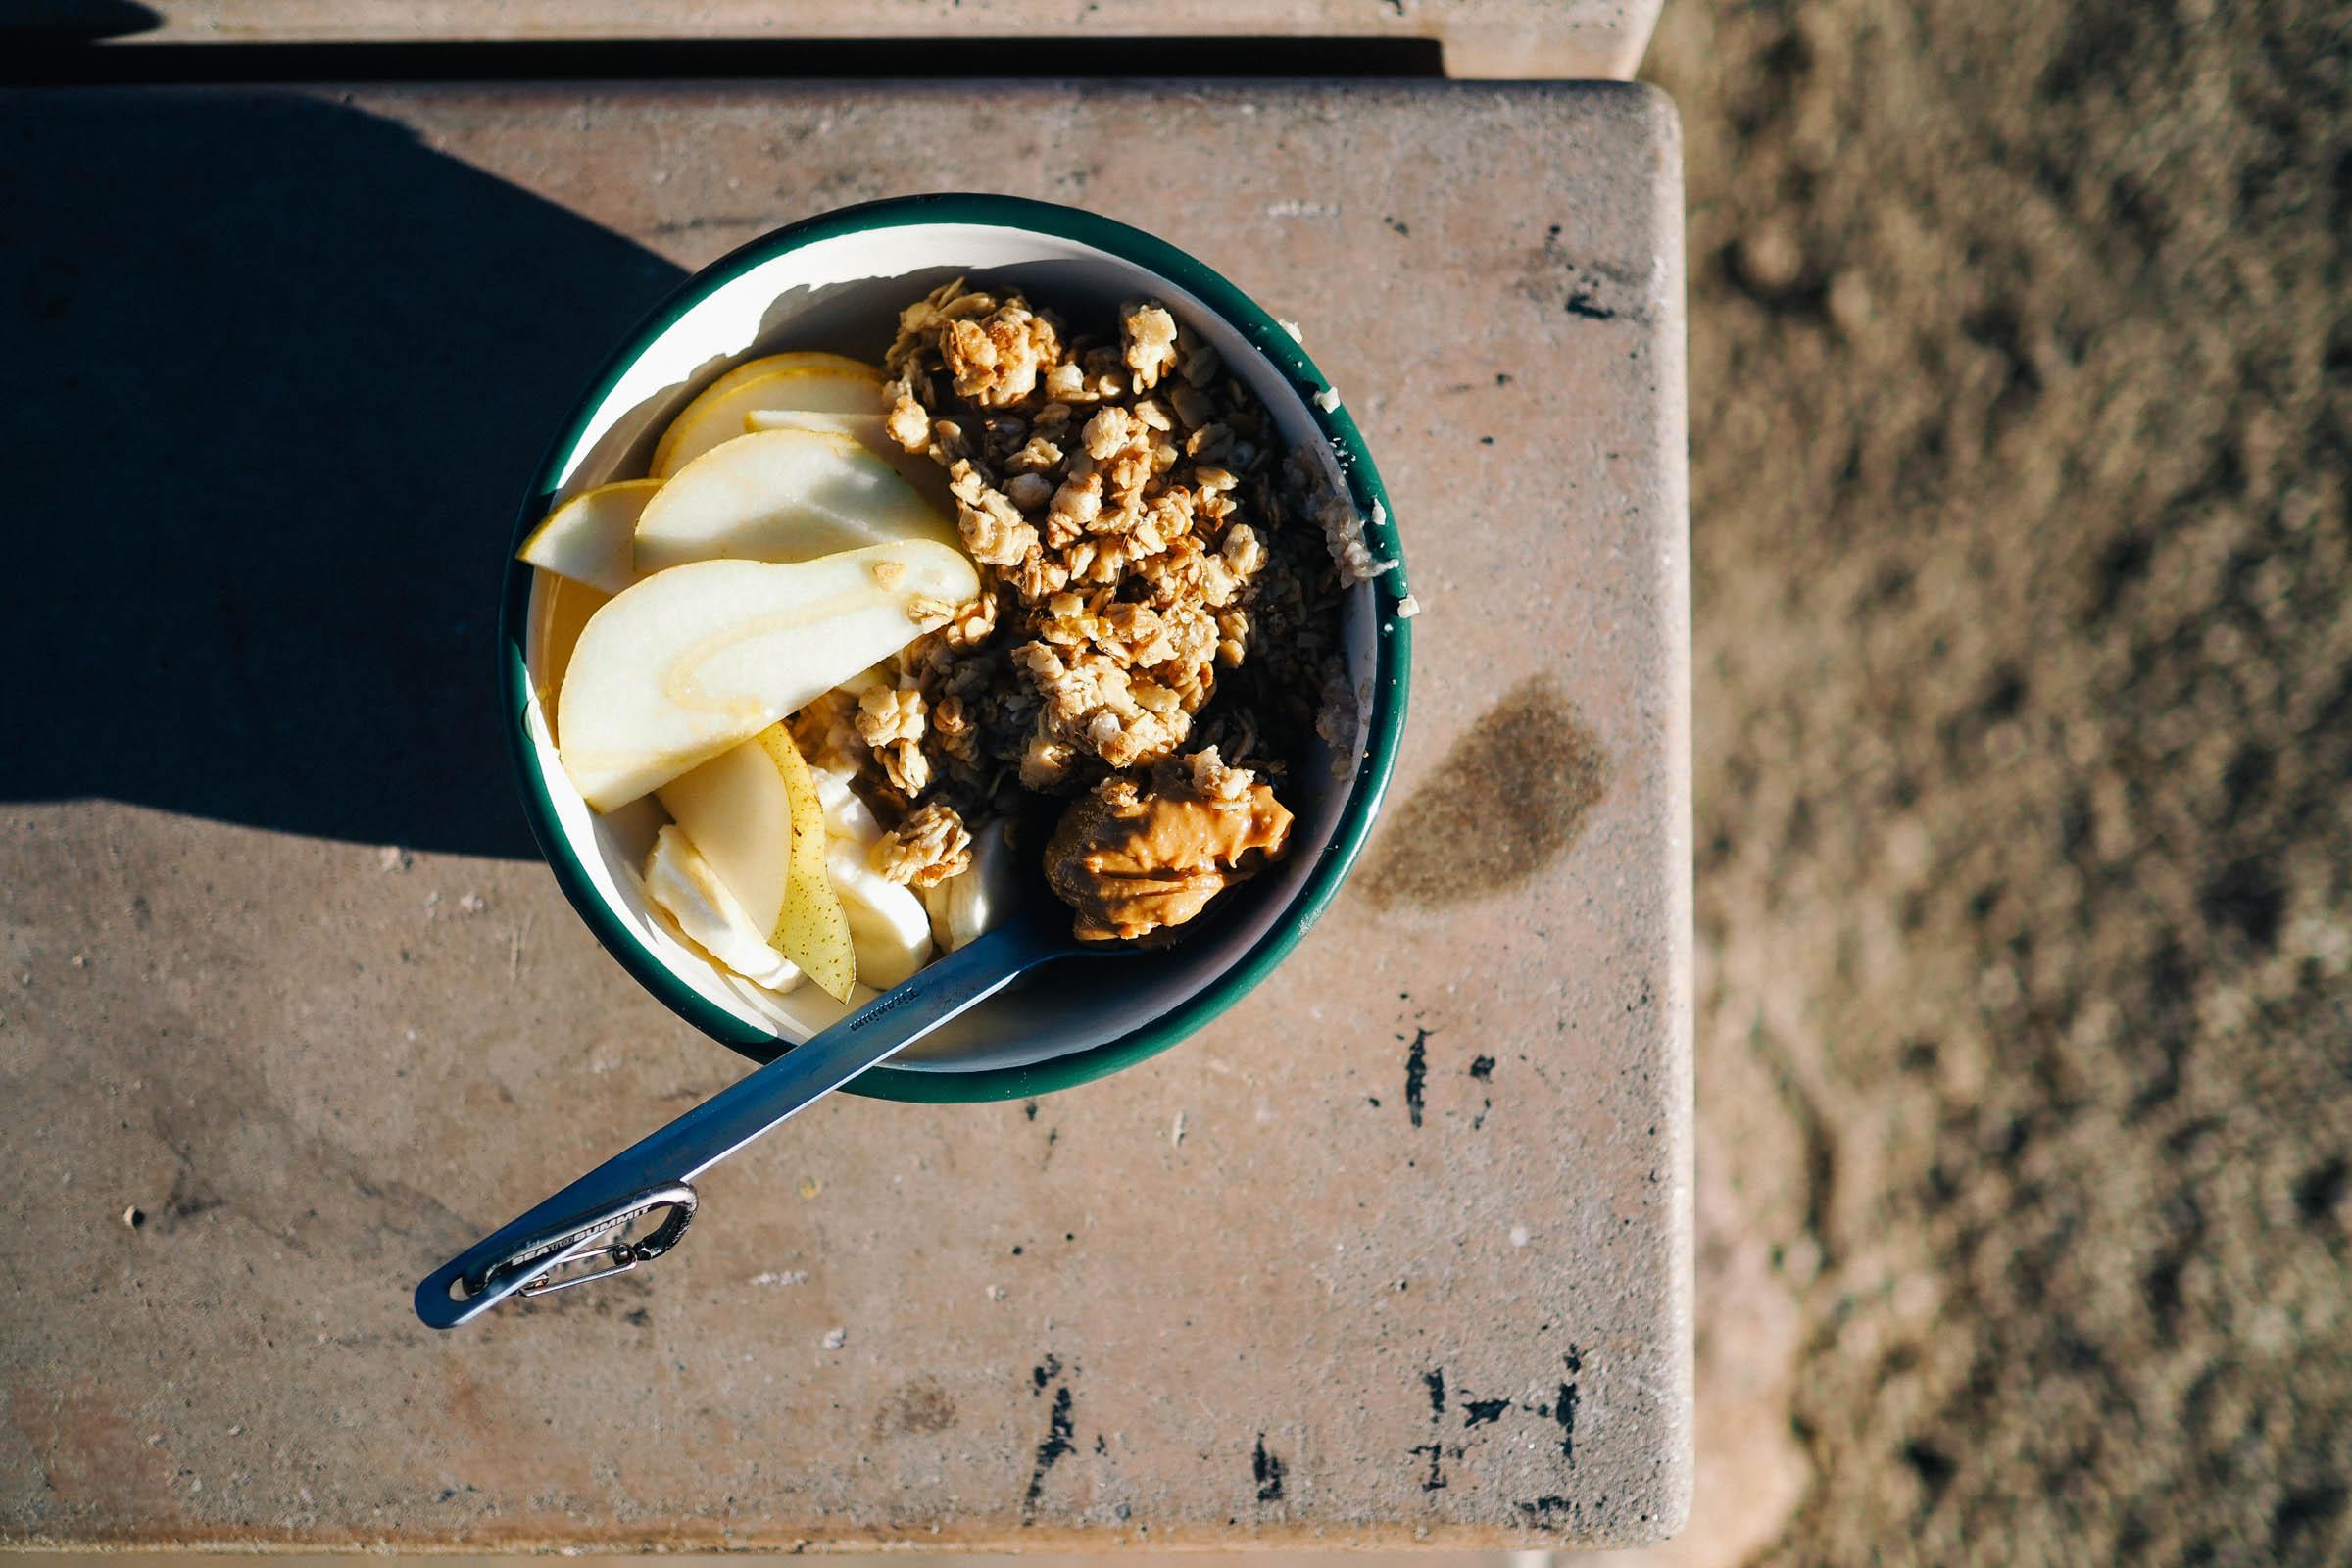 Van-Life-Food-Miles-Arbour-35.jpg